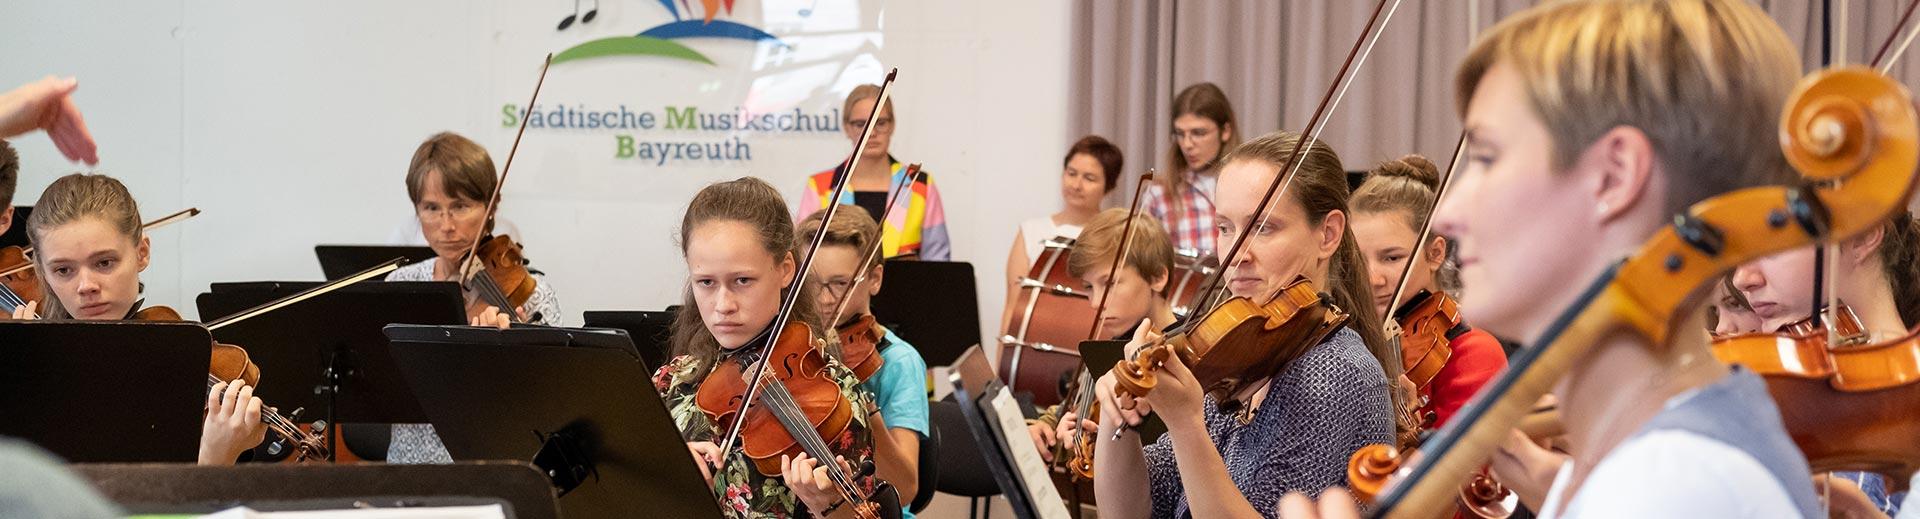 Streicher – Musikschule Bayreuth